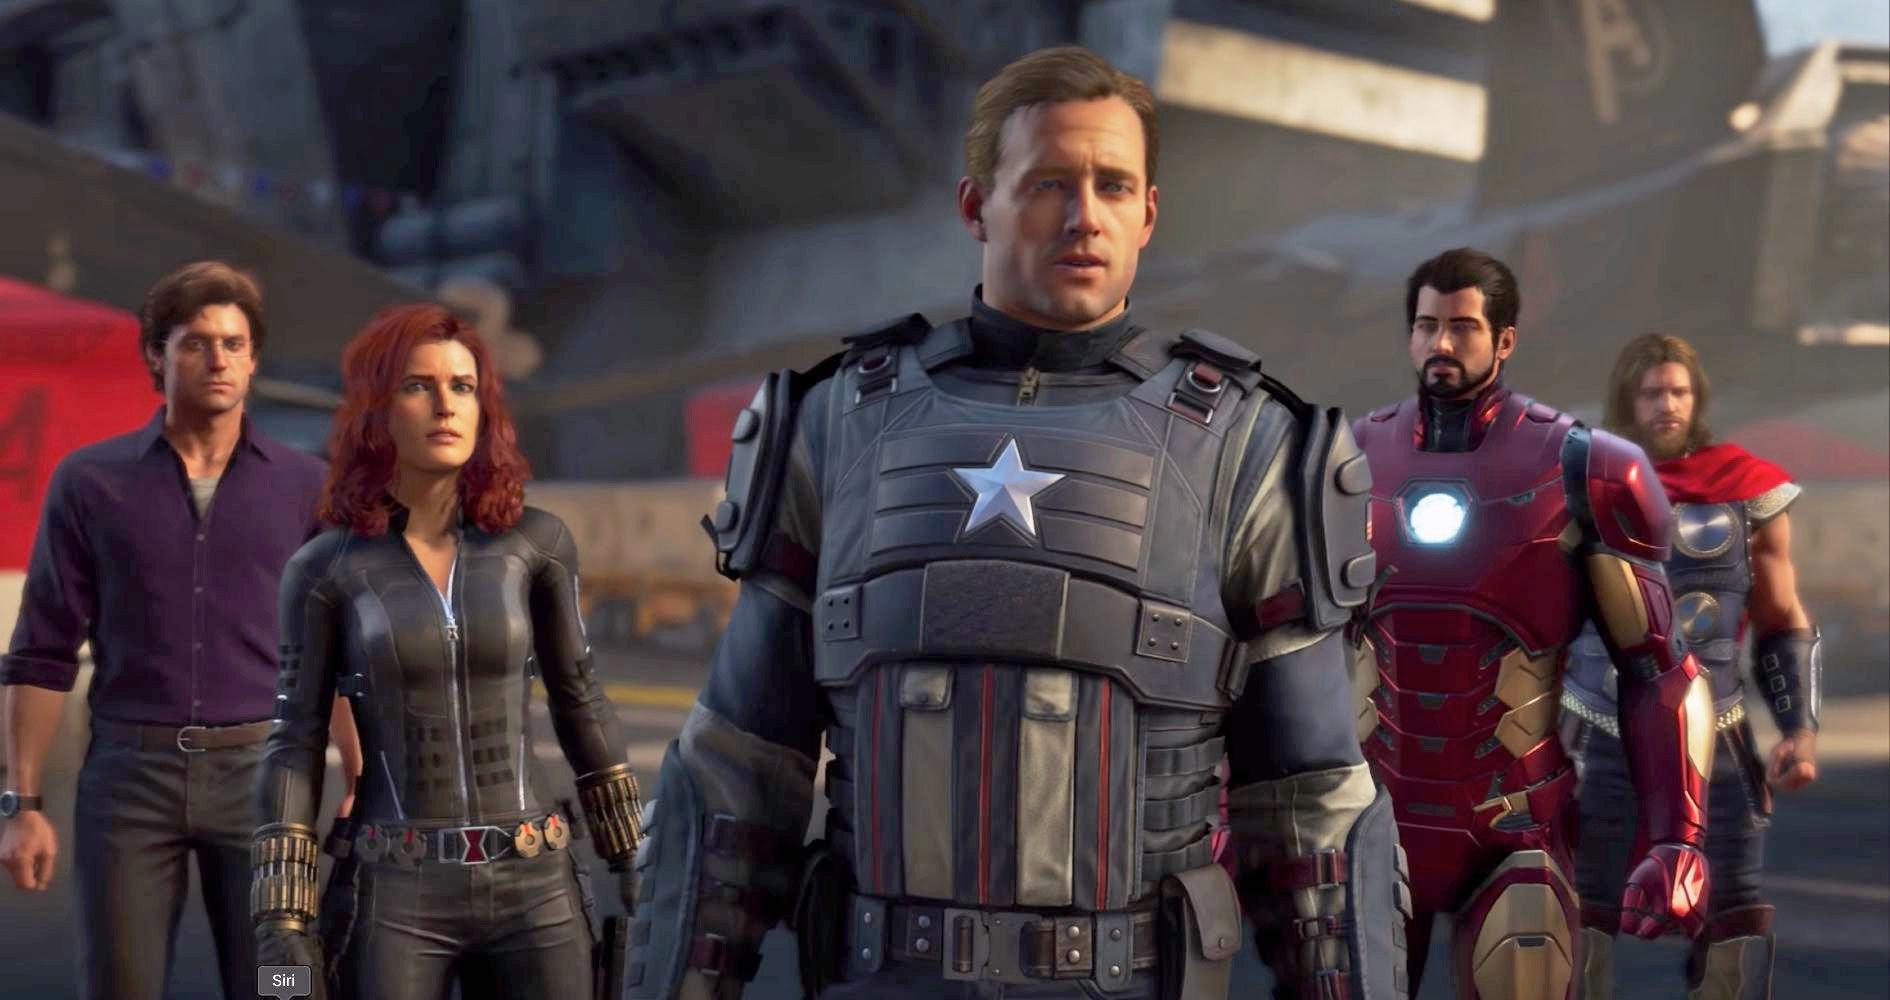 La campagna principale di Marvel's Avengers sarà esclusivamente single player